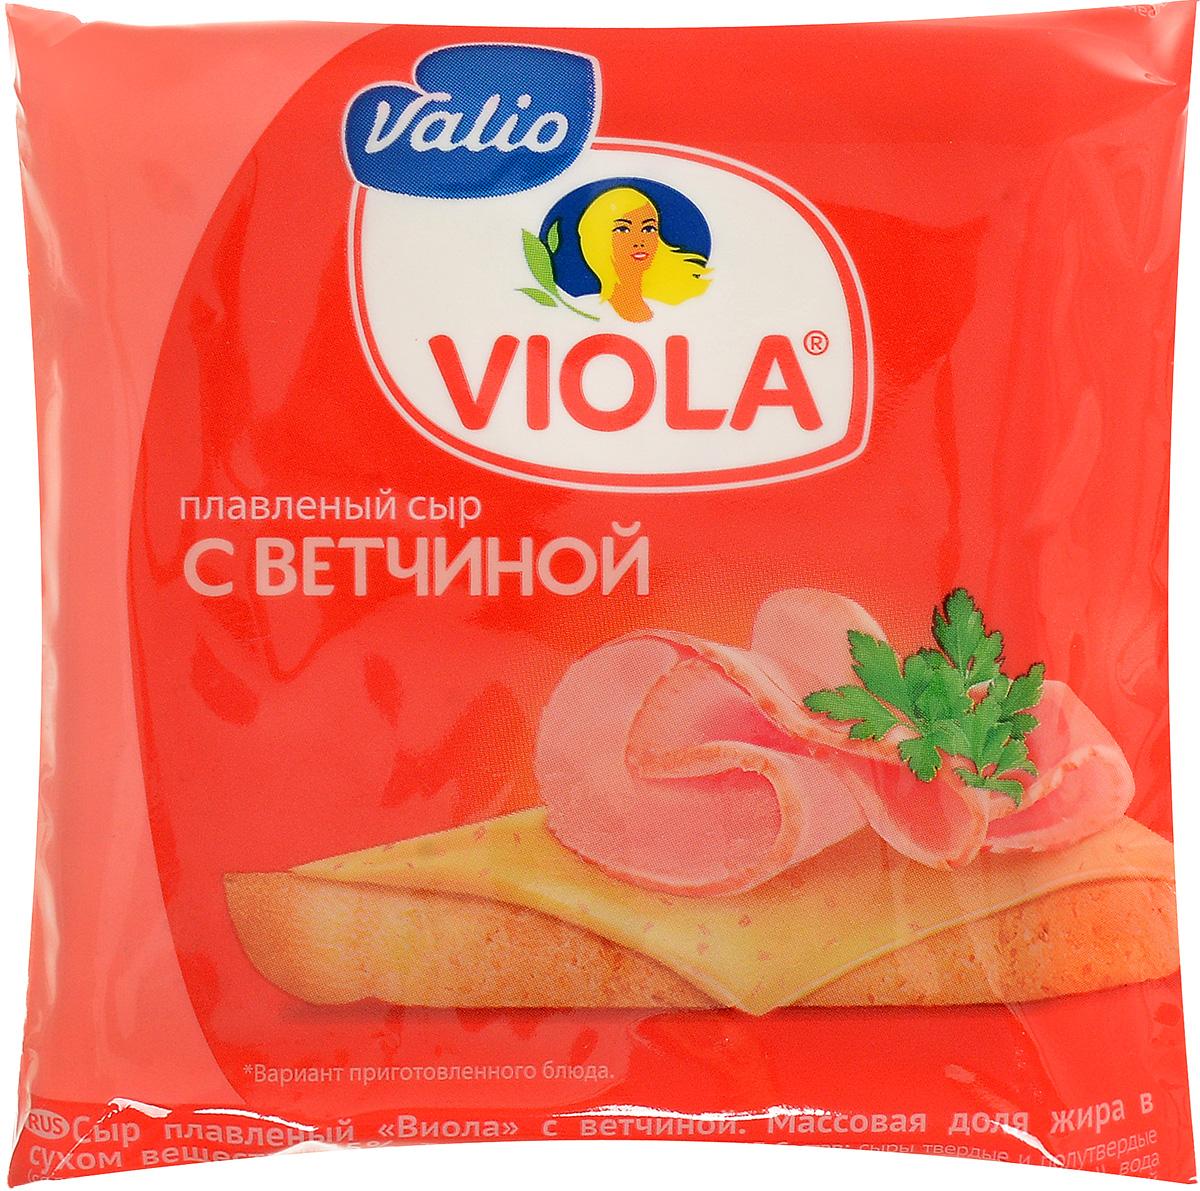 Valio Viola Сыр с ветчиной, плавленый, в ломтиках, 140 г valio viola сыр с лисичками плавленый 400 г